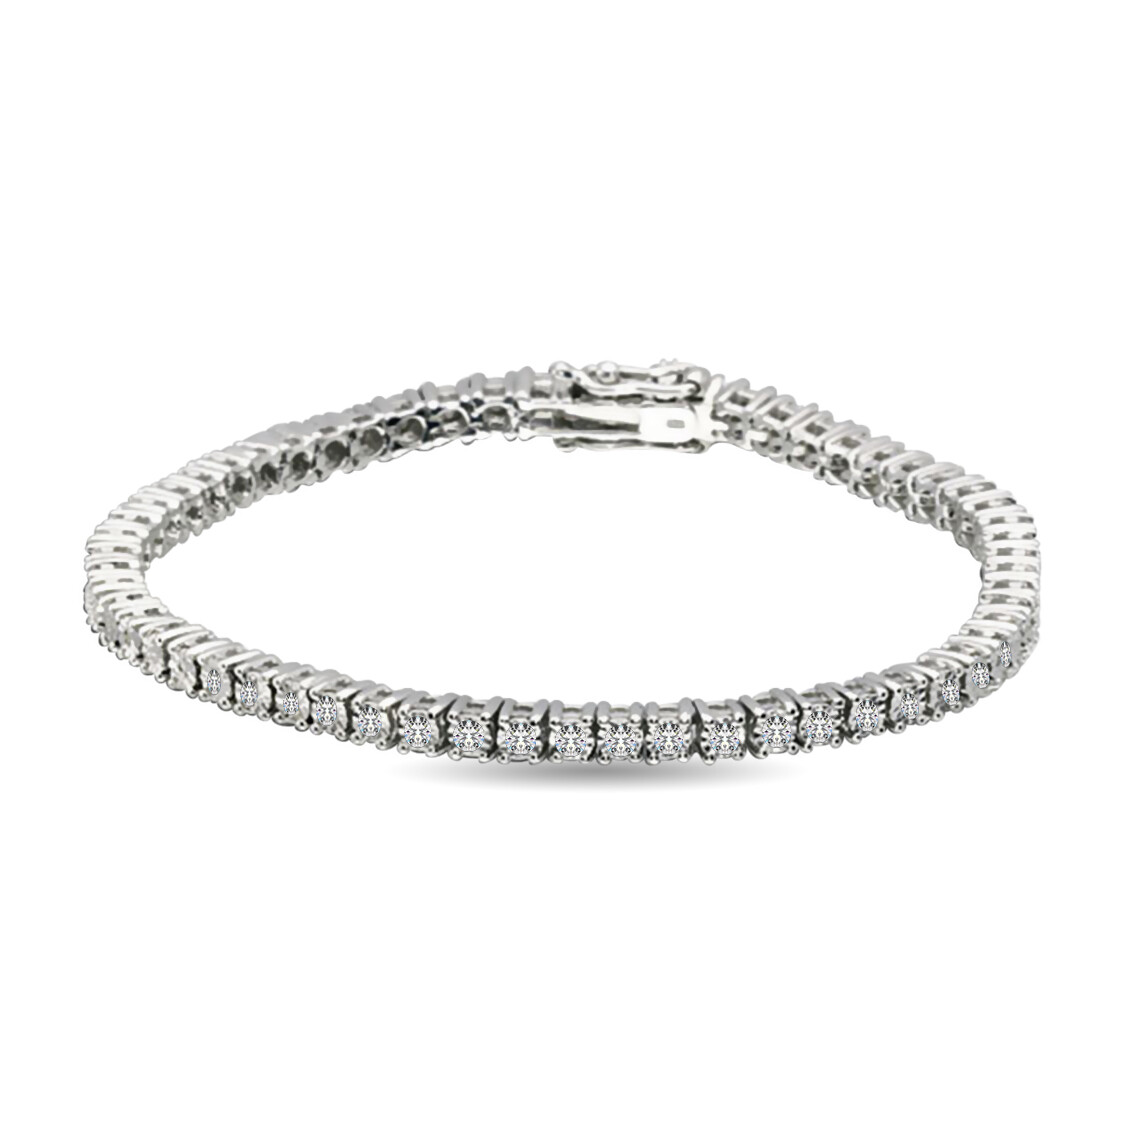 1Ctw Diamond Bracelet 14KW